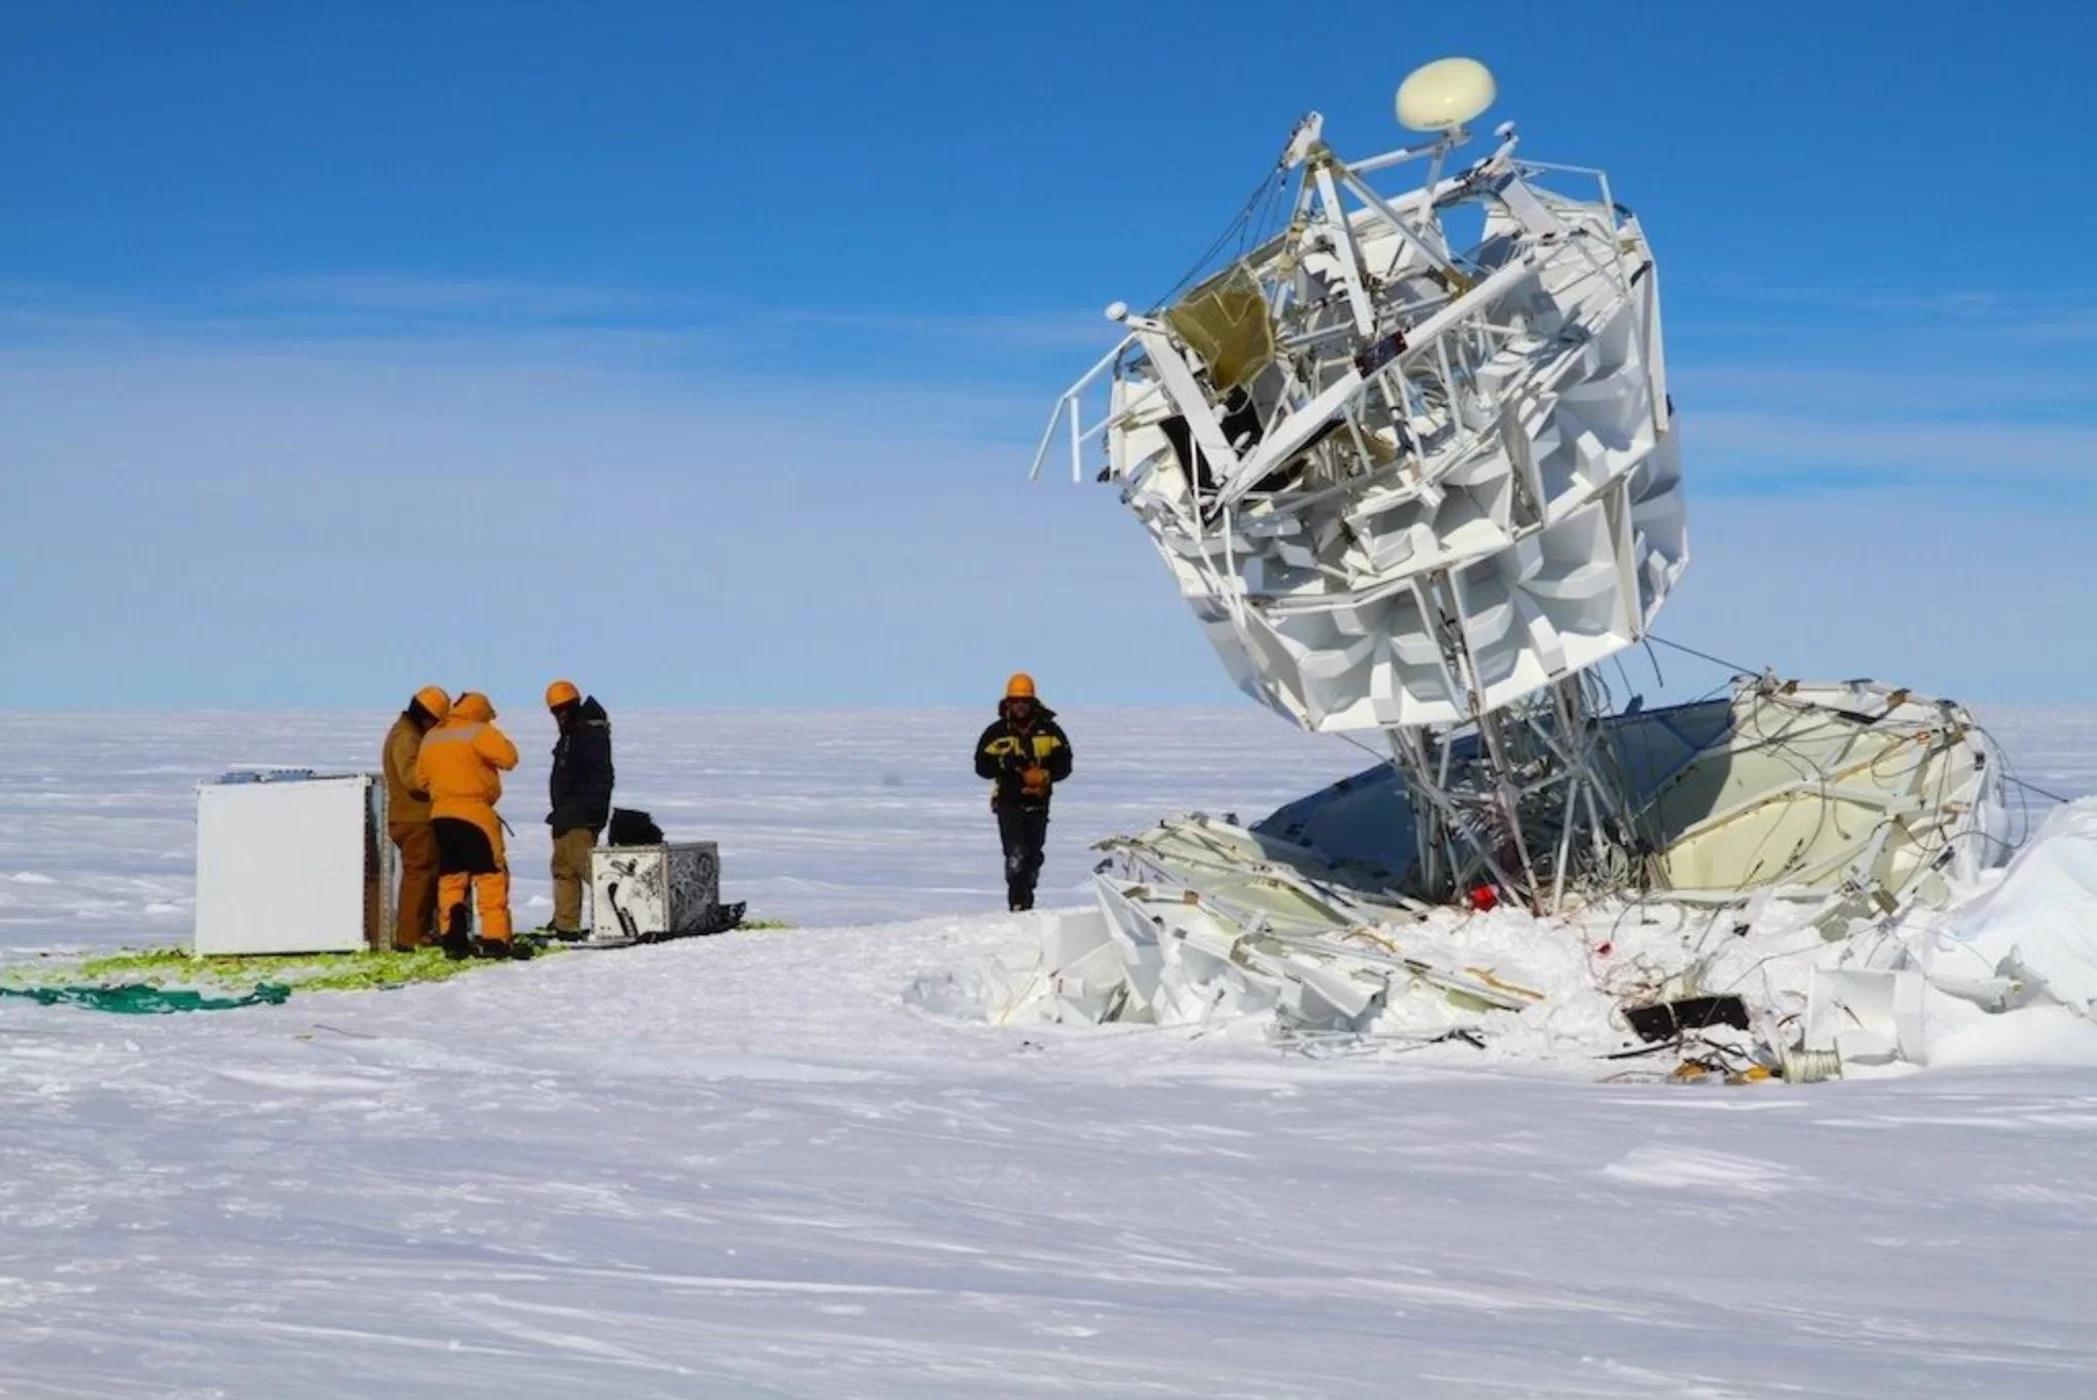 Tým experimentu ANITA vyzvedává zařízení po úspěšném letu. Kredit: Australian Antarctic Division.